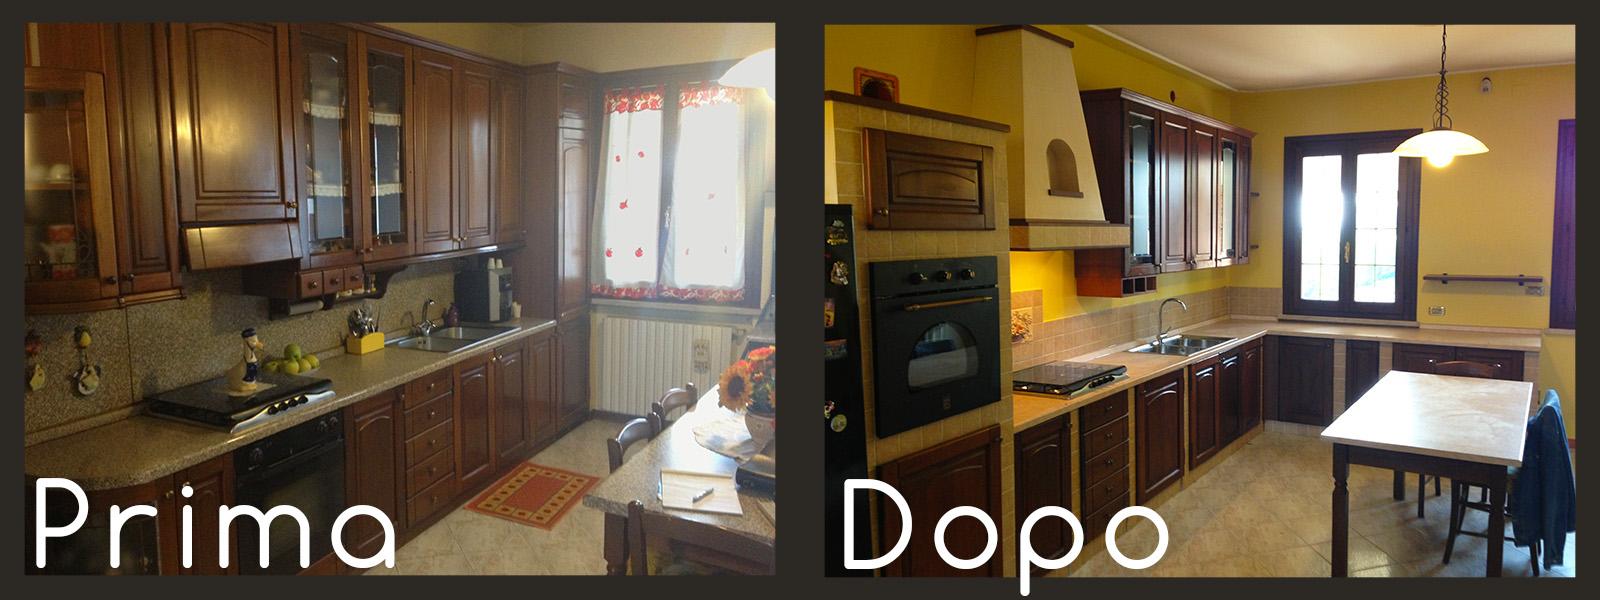 Ristrutturazione-cucine-mantova – Lui Arredamenti